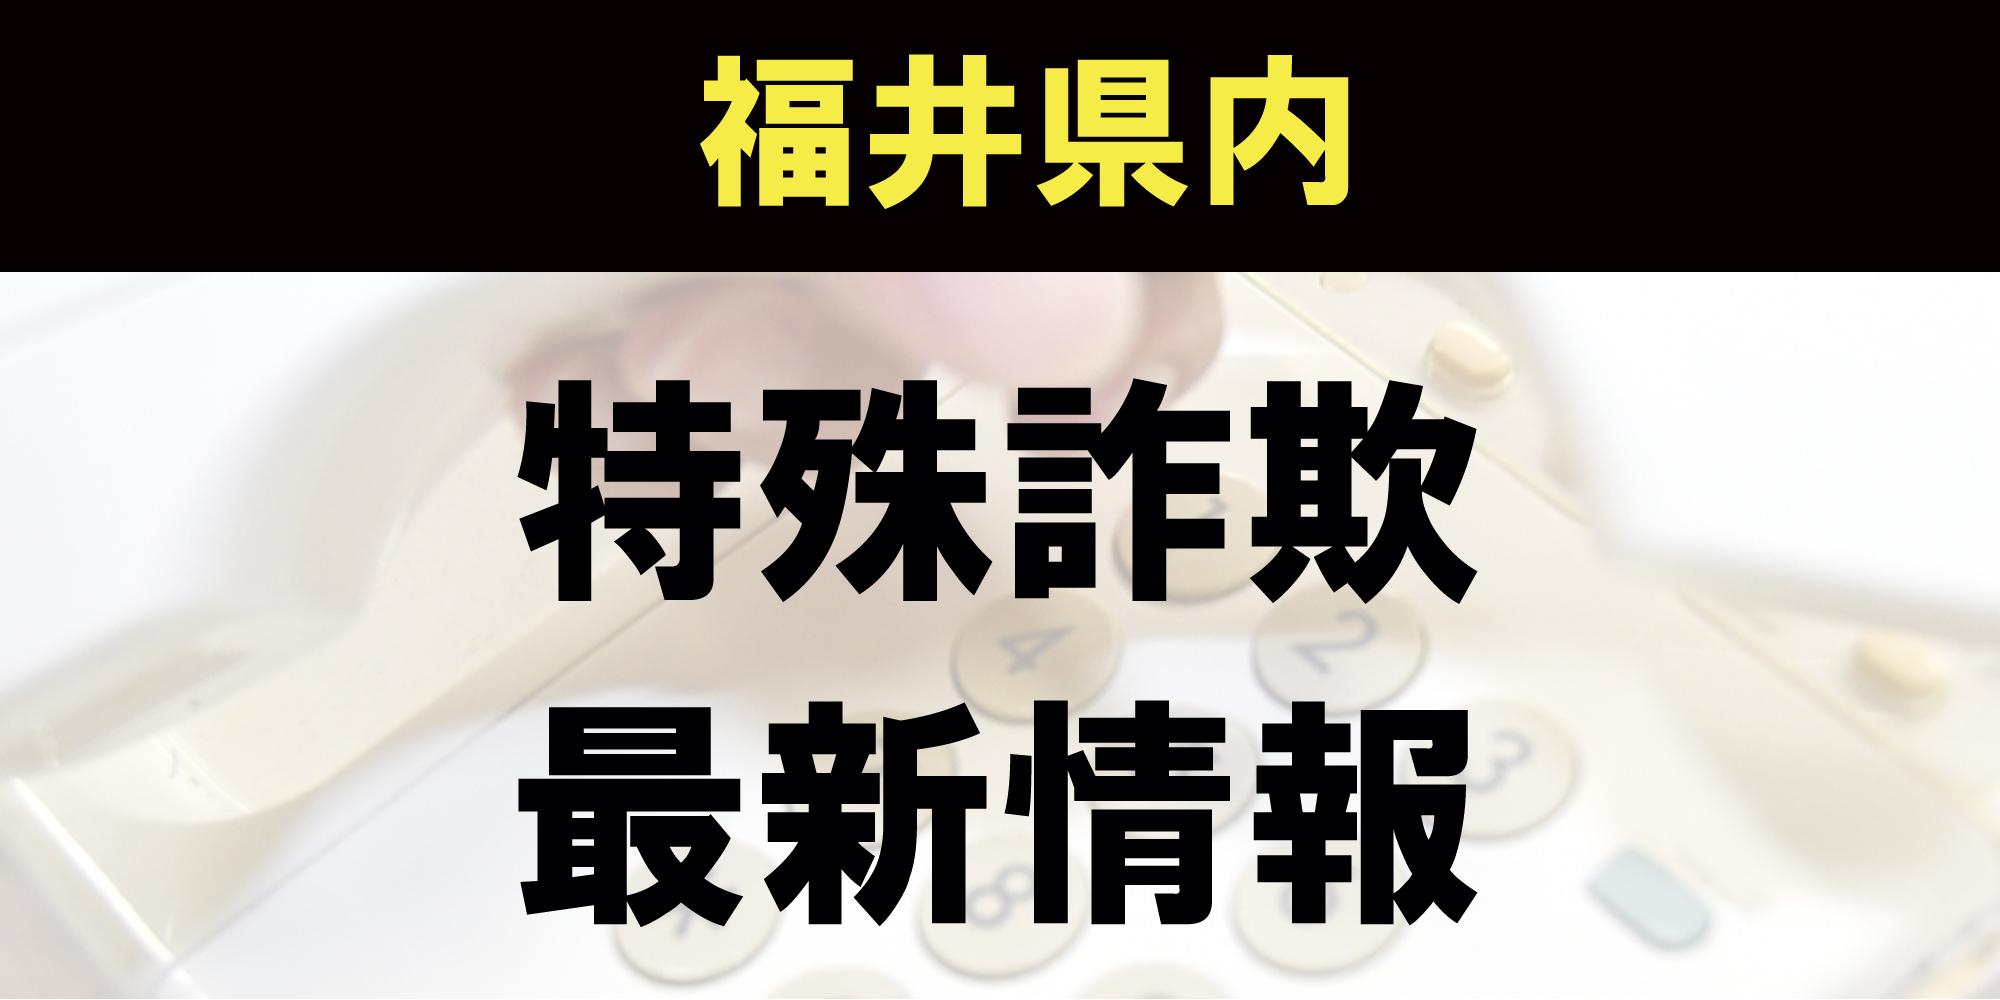 ニュース 速報 福井 銀座